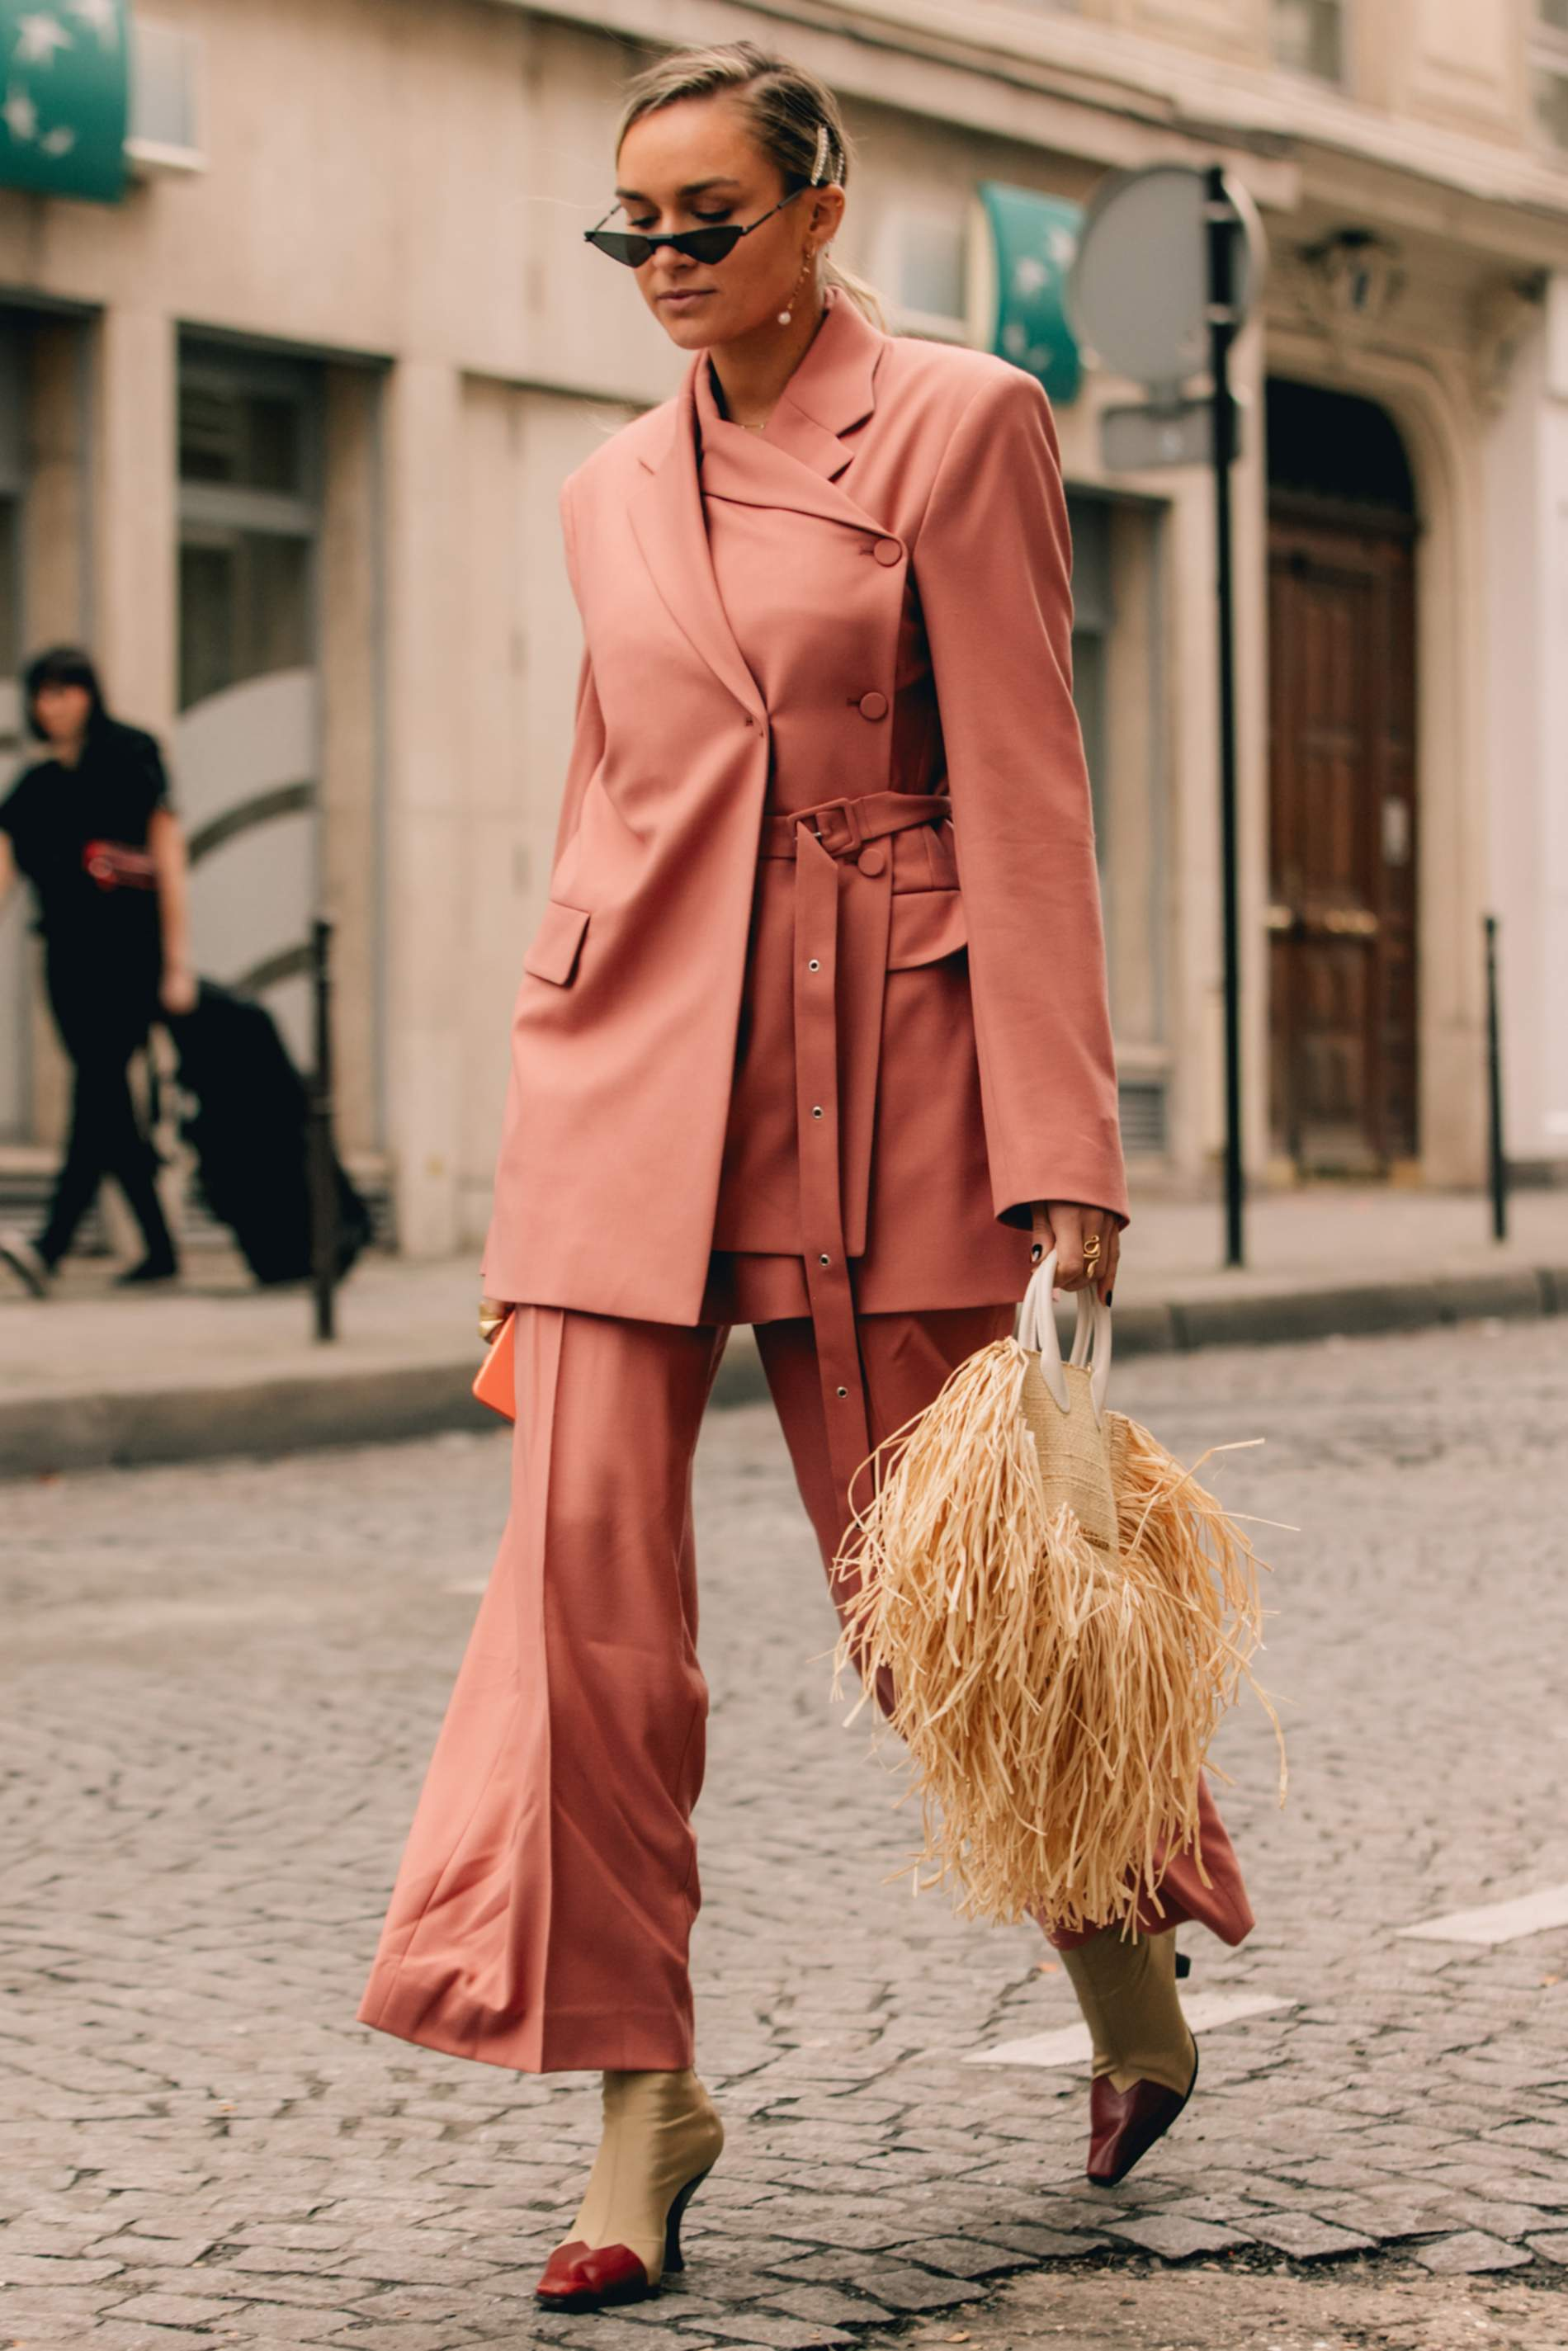 Bộ suit đơn sắc màu da cam với thiết kế áo cách điệu